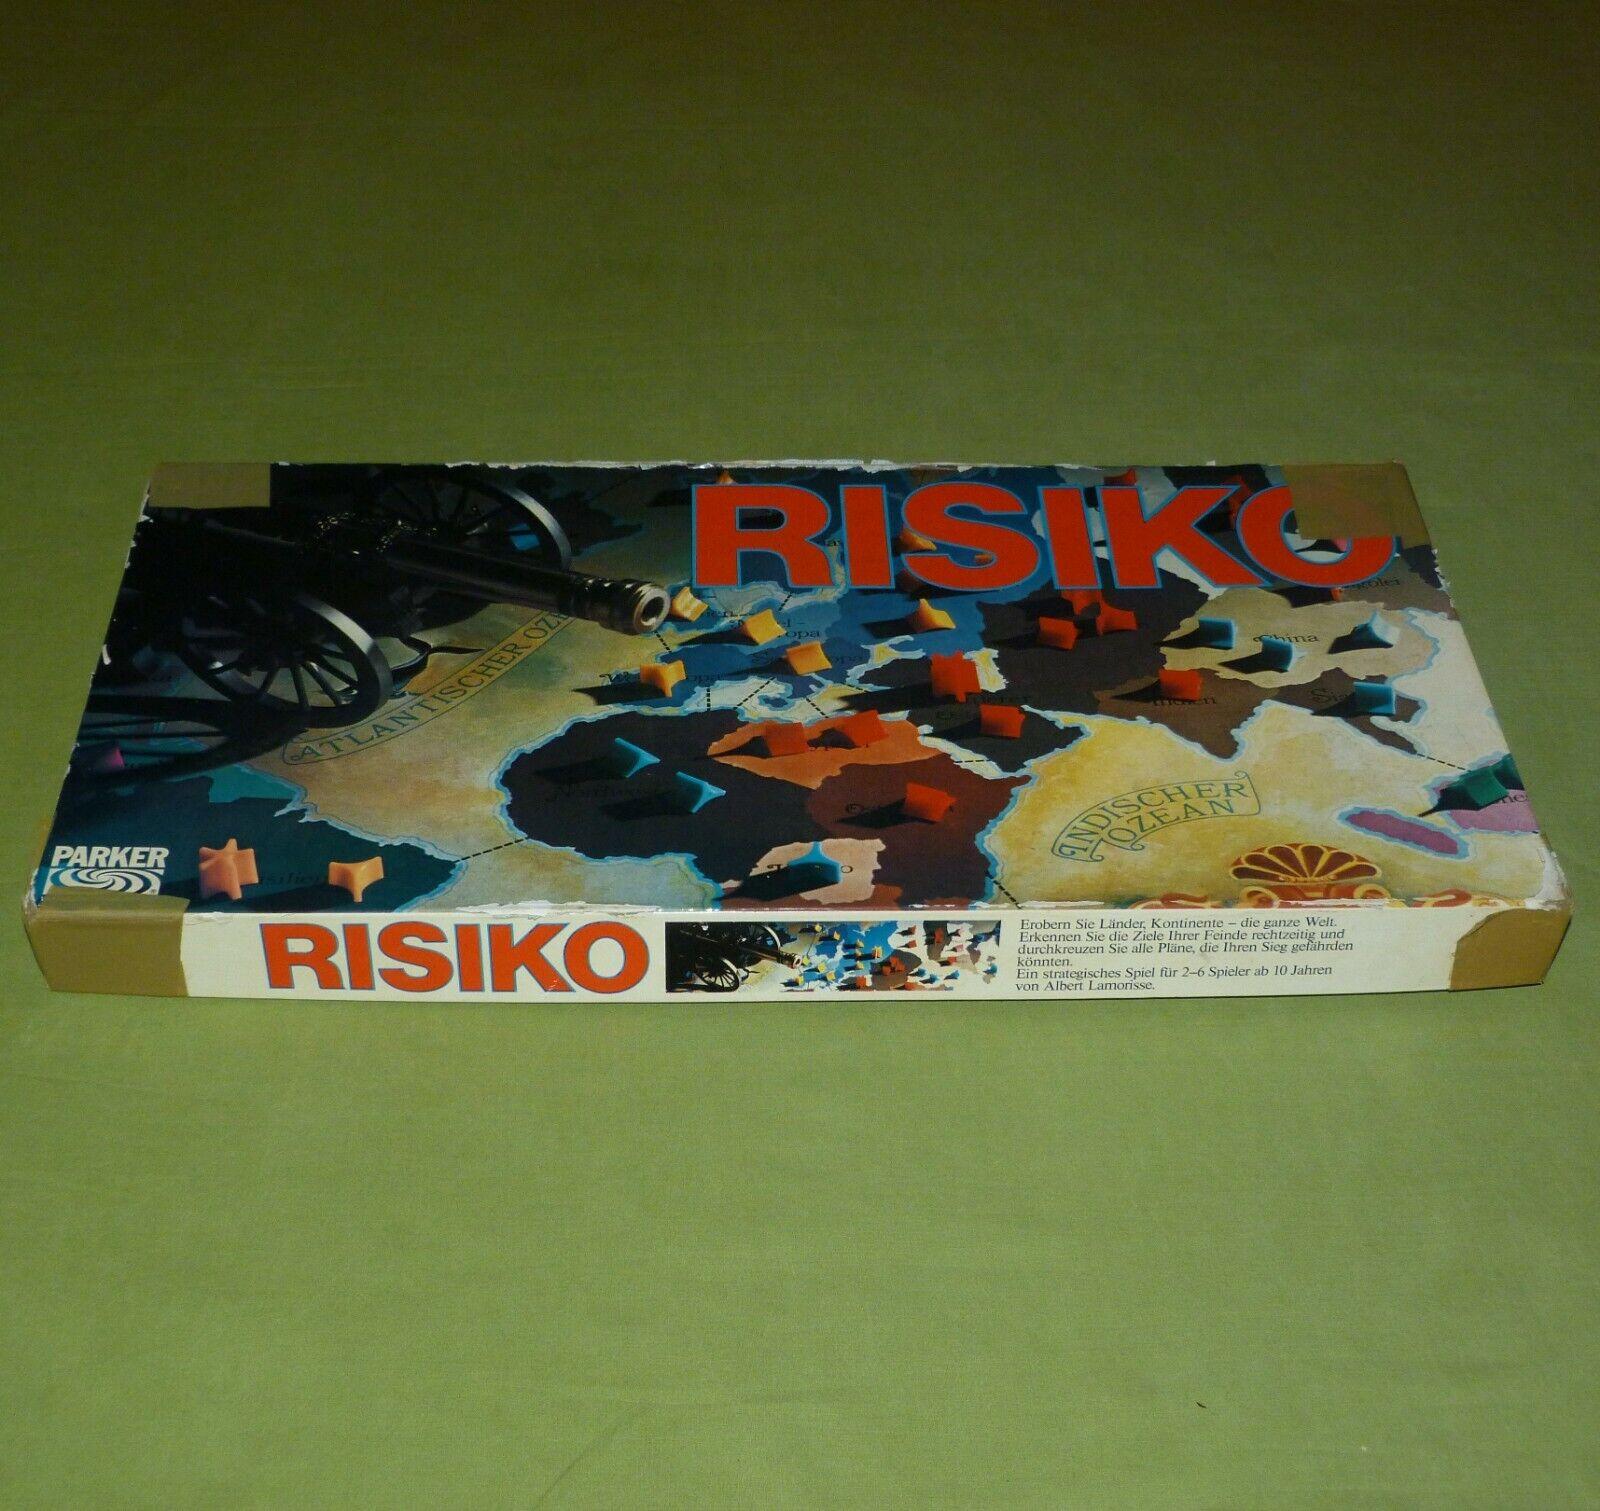 Risiko Strategiespiel von Parker mit mit mit 6 Würfeln ©1975  Erobern Sie... top Rar  0e6ea5